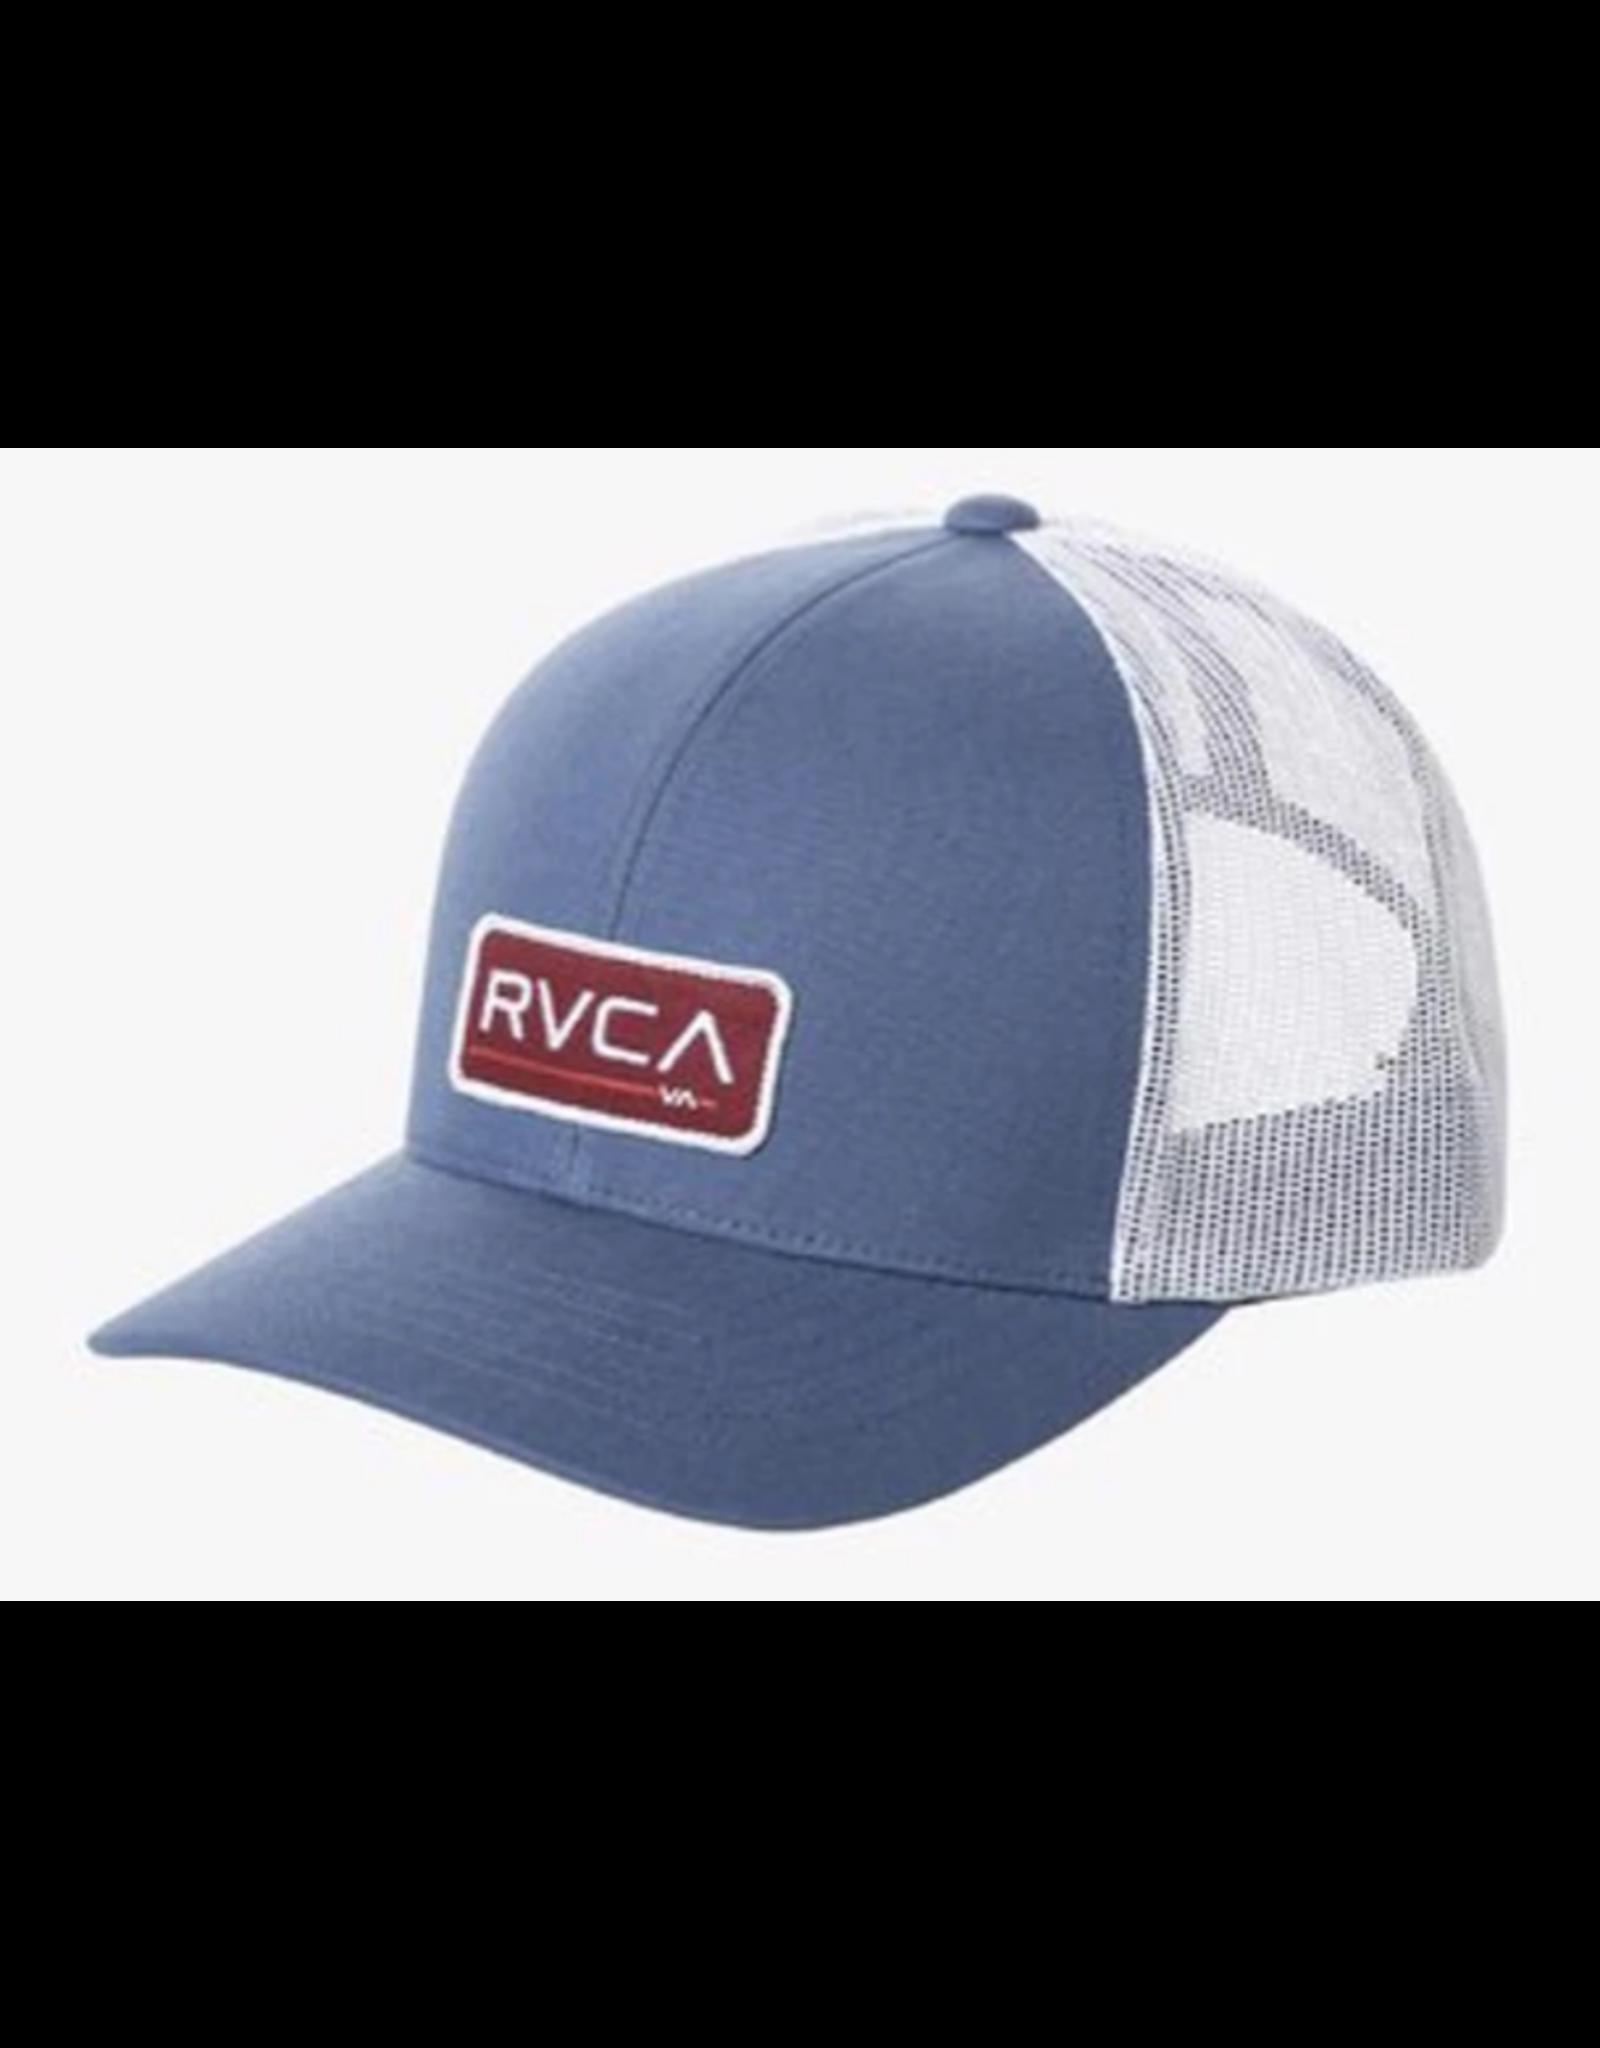 RVCA RVCA MENS TICKET TRUCKER HAT